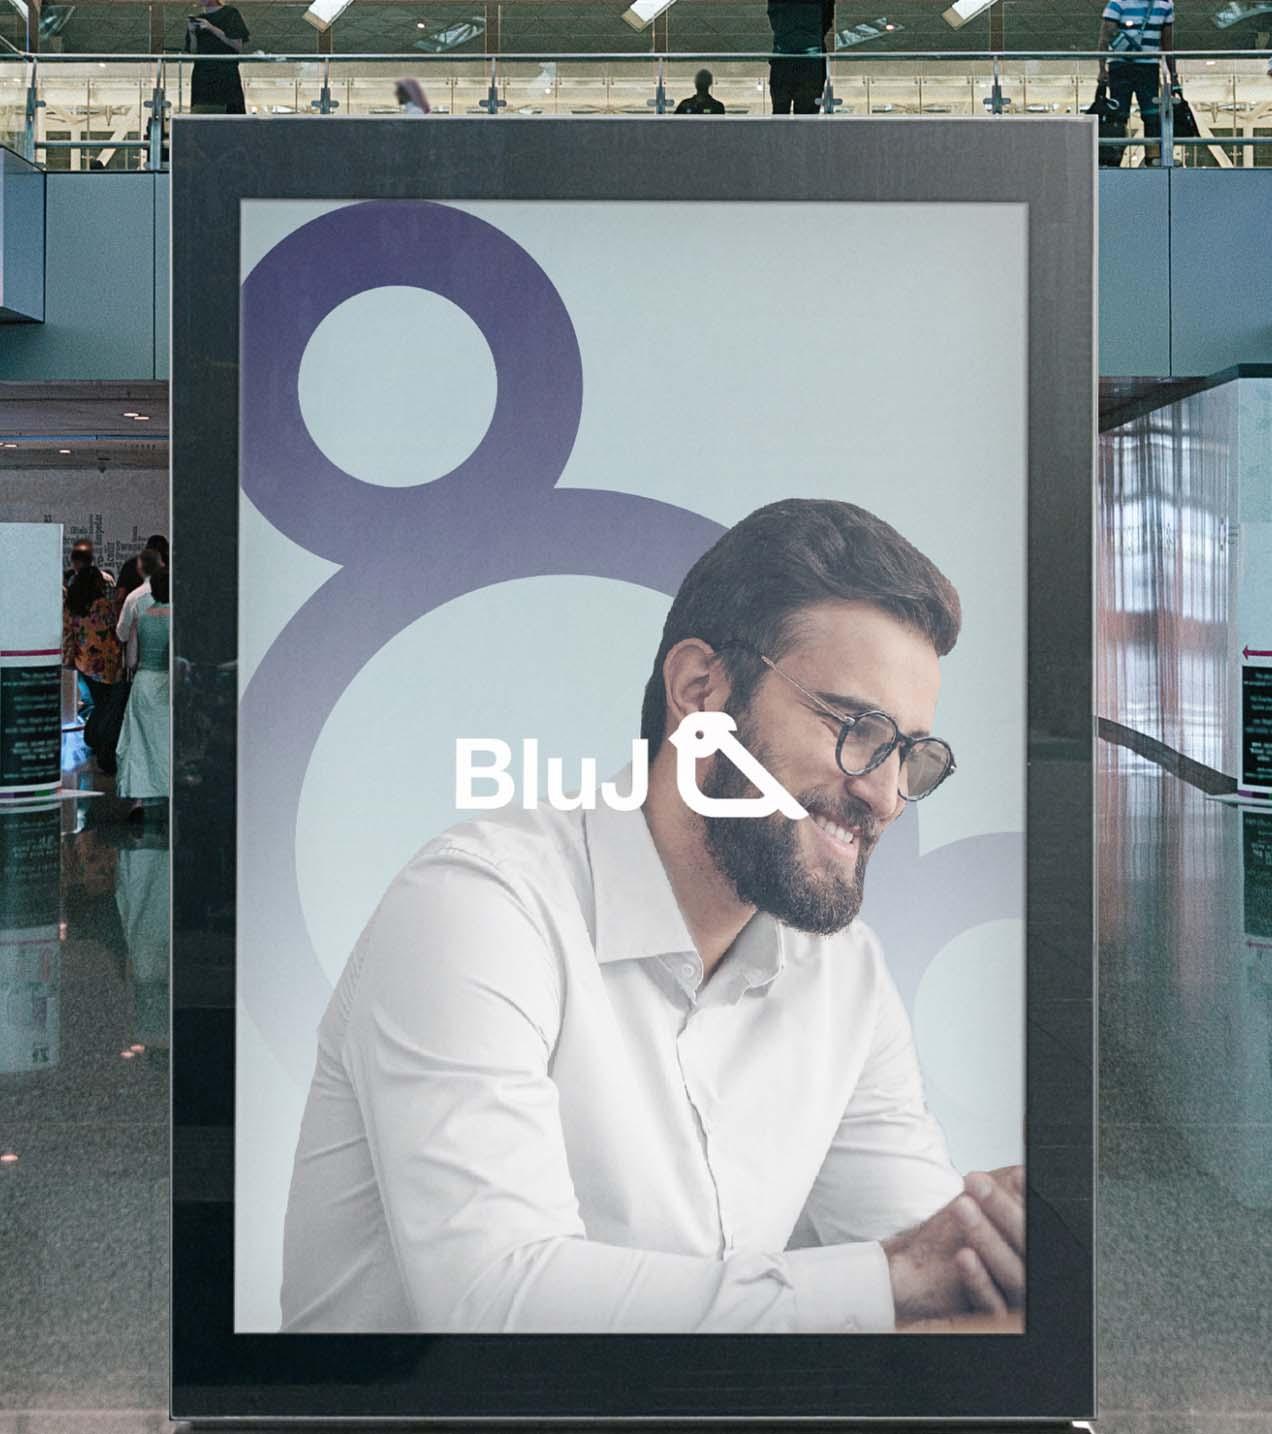 Blu-J Billboard